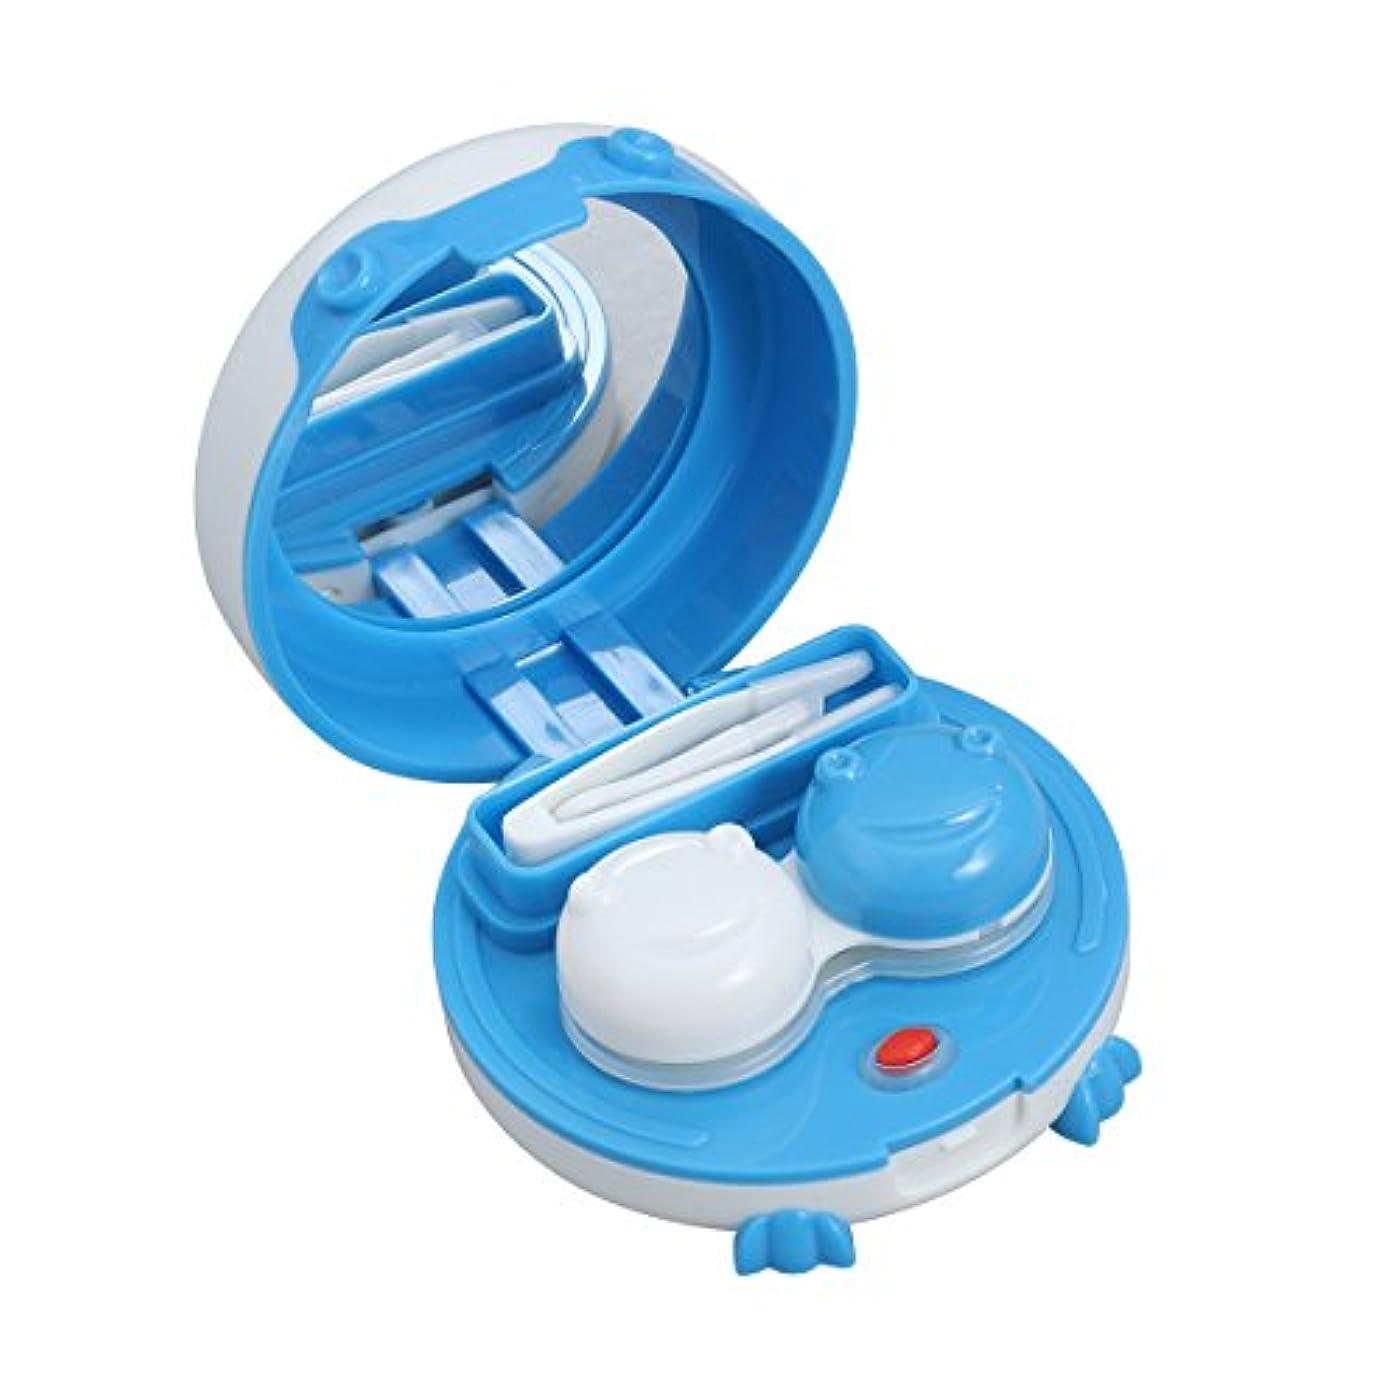 分注する風邪をひくクラウン家庭用およびトラベル用ミラーピンセットアプリケータおよびソリューションボトルレンズ収納ボックスコンテナ付きコンタクトレンズトラベルケースホルダー